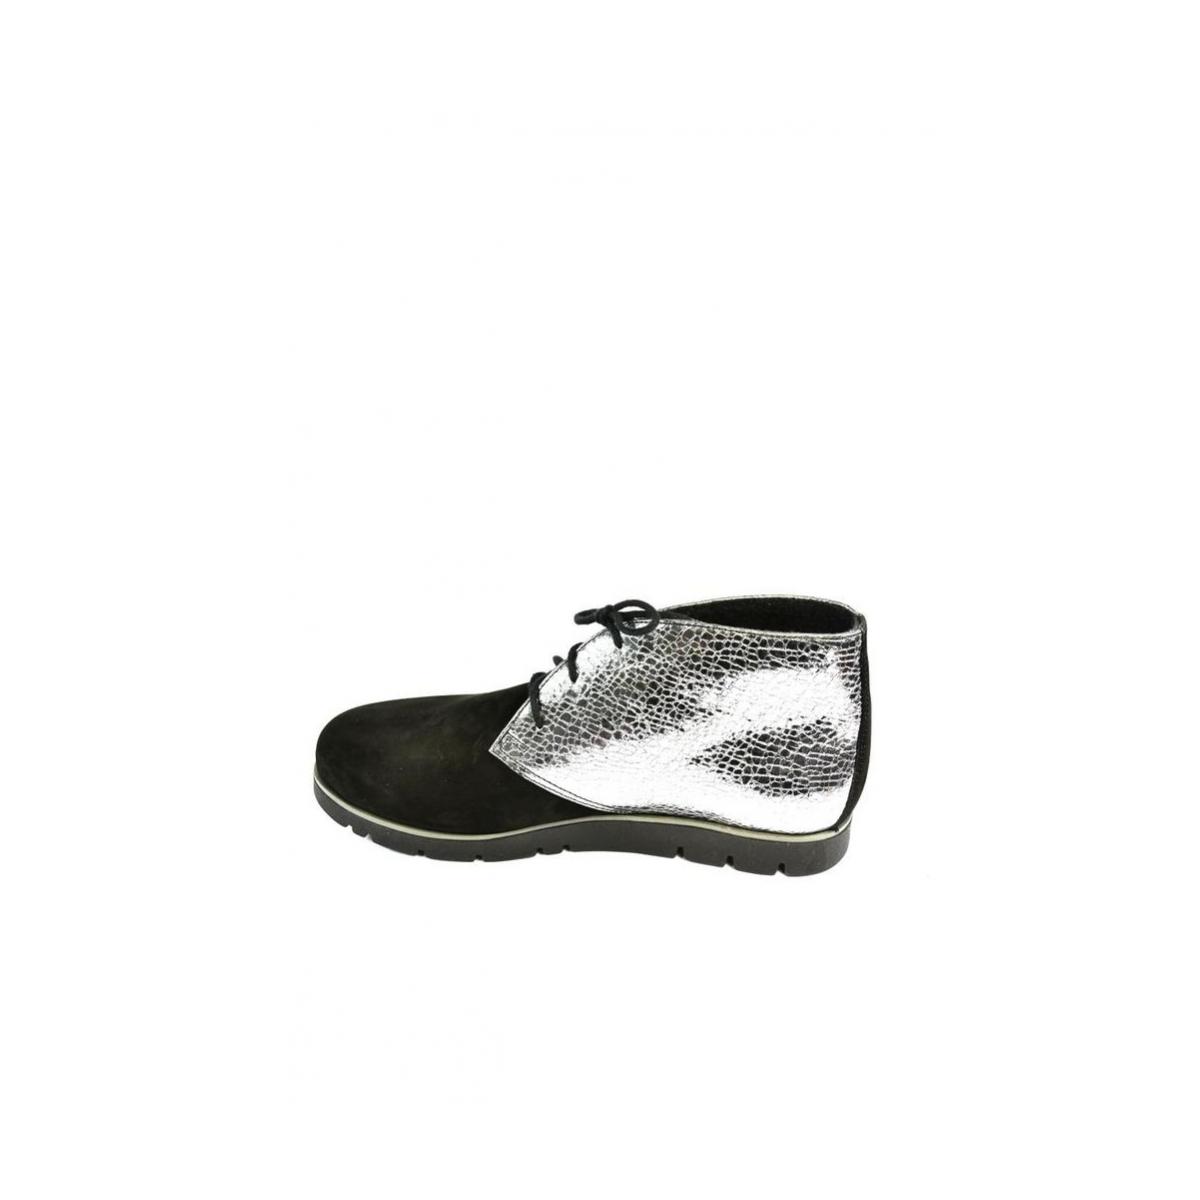 6e7ac7b2e8ad Dámske čierno-strieborné kožené topánky ZEFIR - 3